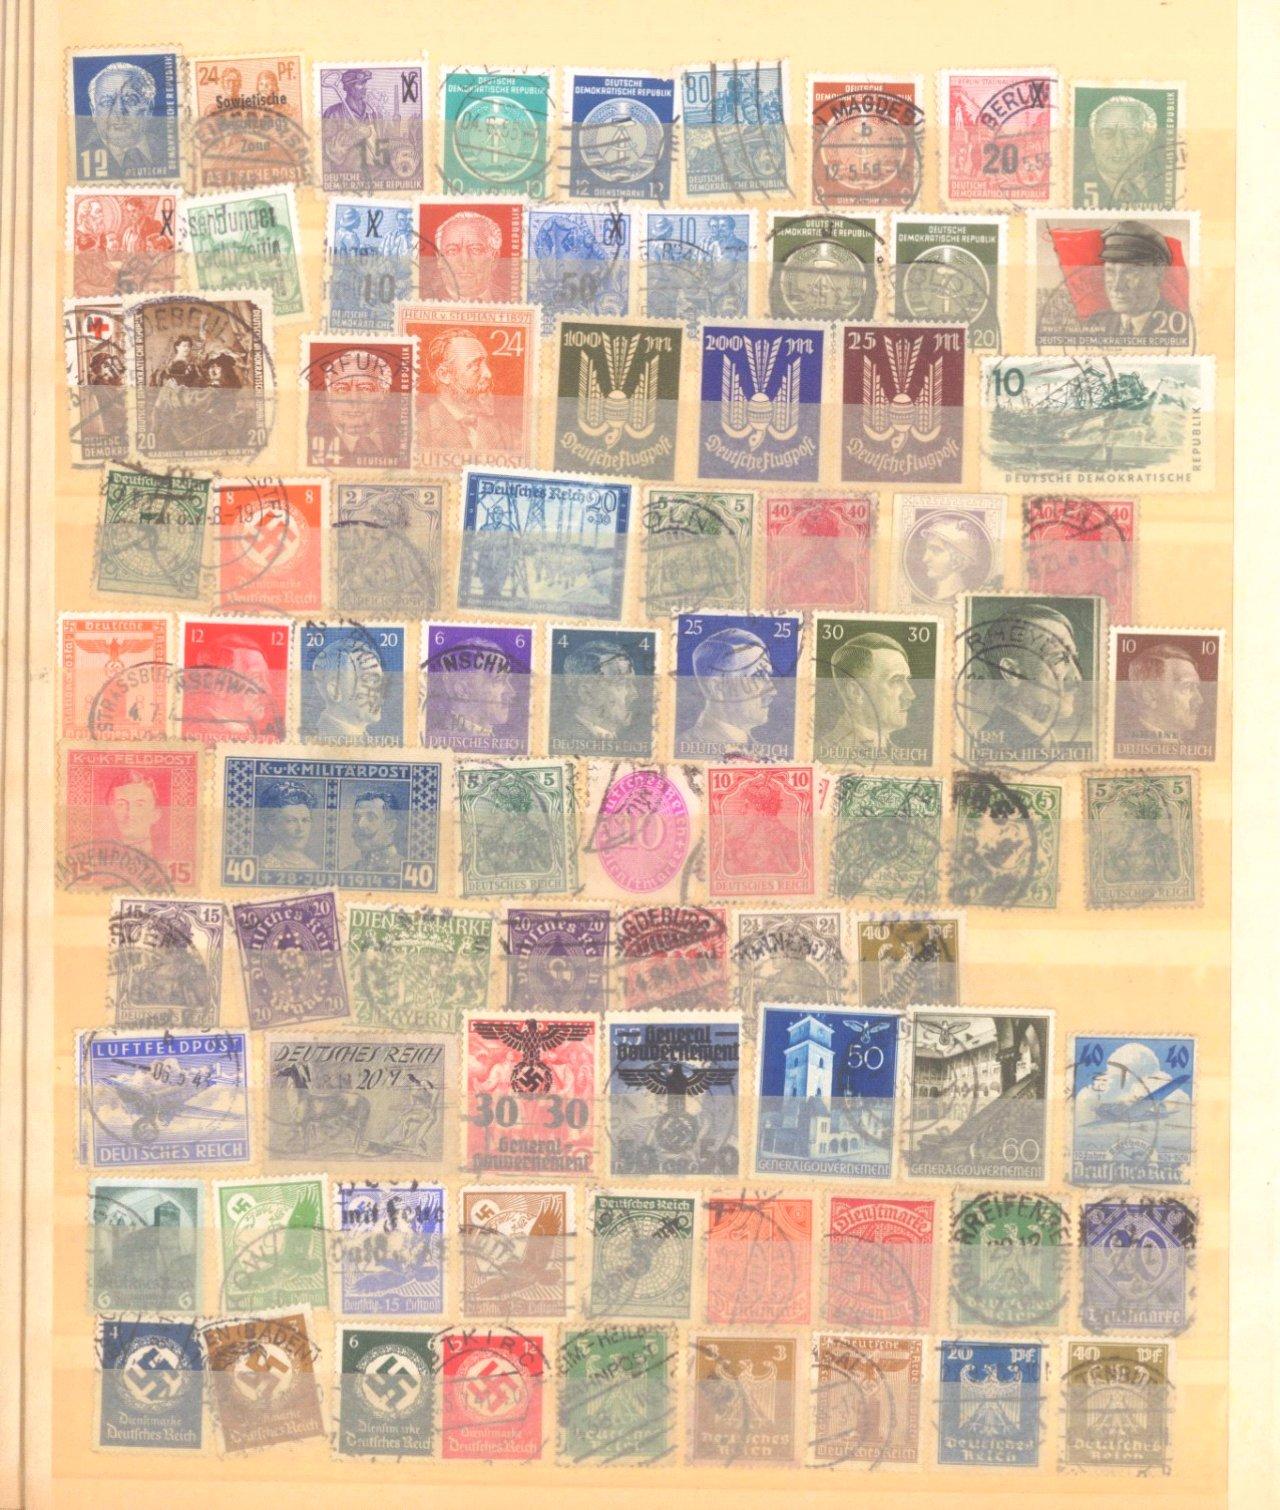 Buntes Sammelsurium, auch China, Deutsches Reich-2